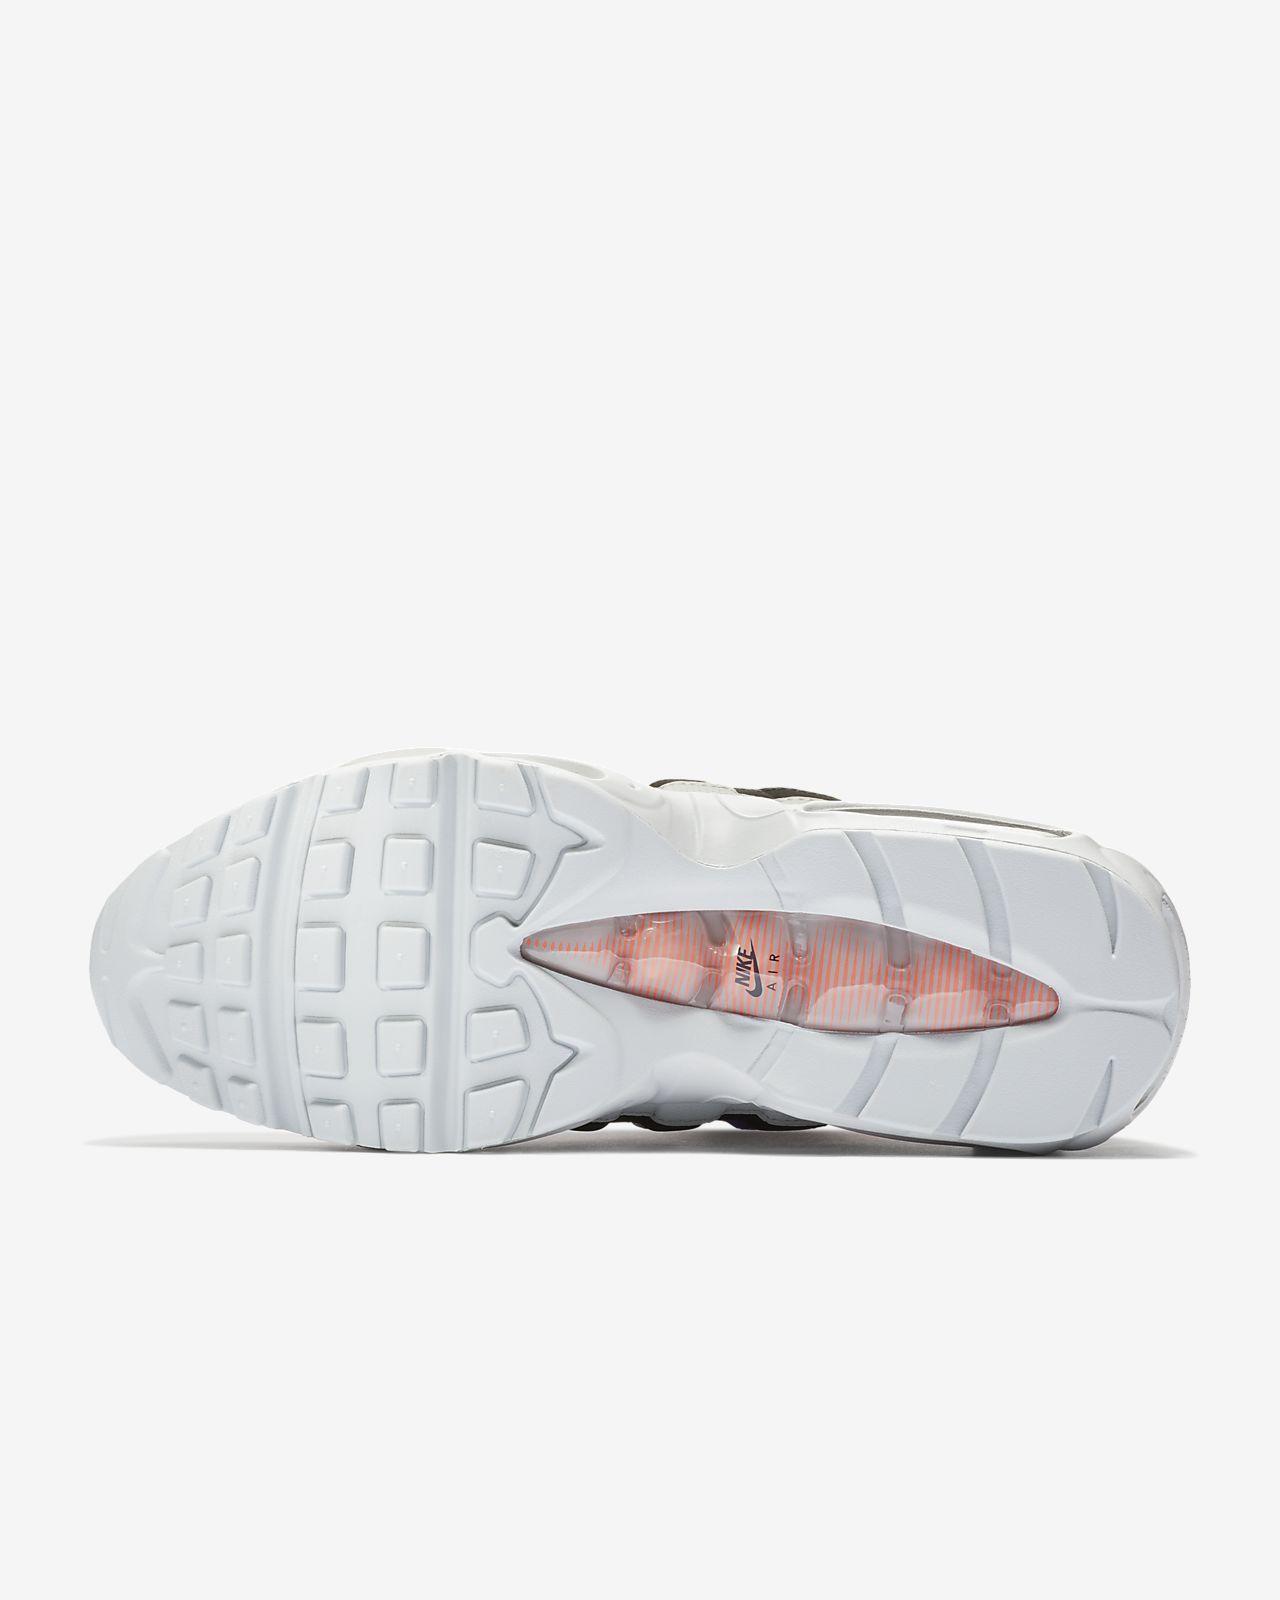 Nike Air Max 95 Essential Pure PlatinumBright MangoRacer